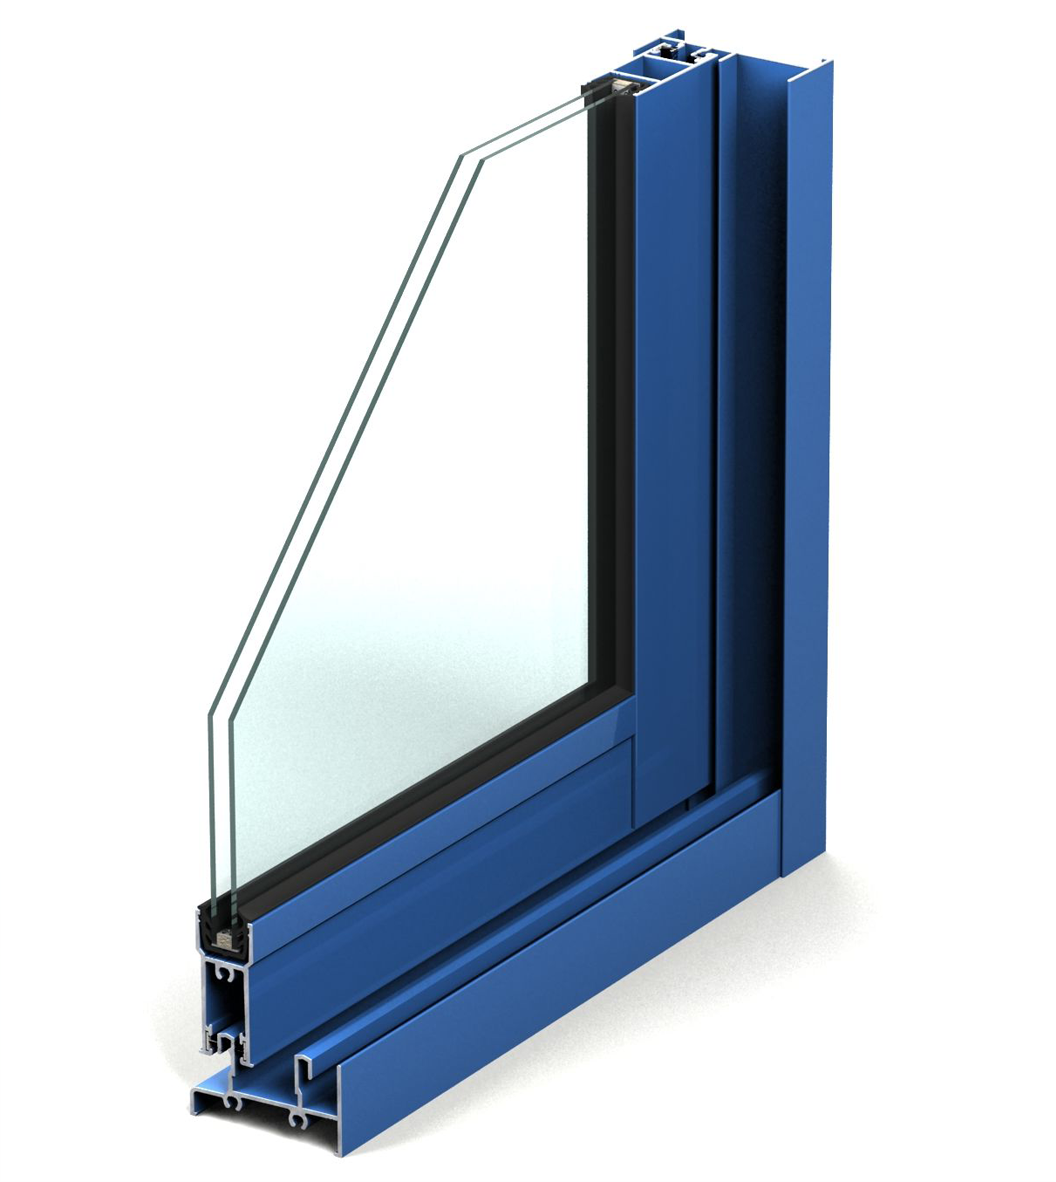 Perfil de aluminio aluplast 2001 for Perfiles de aluminio para ventanas precios